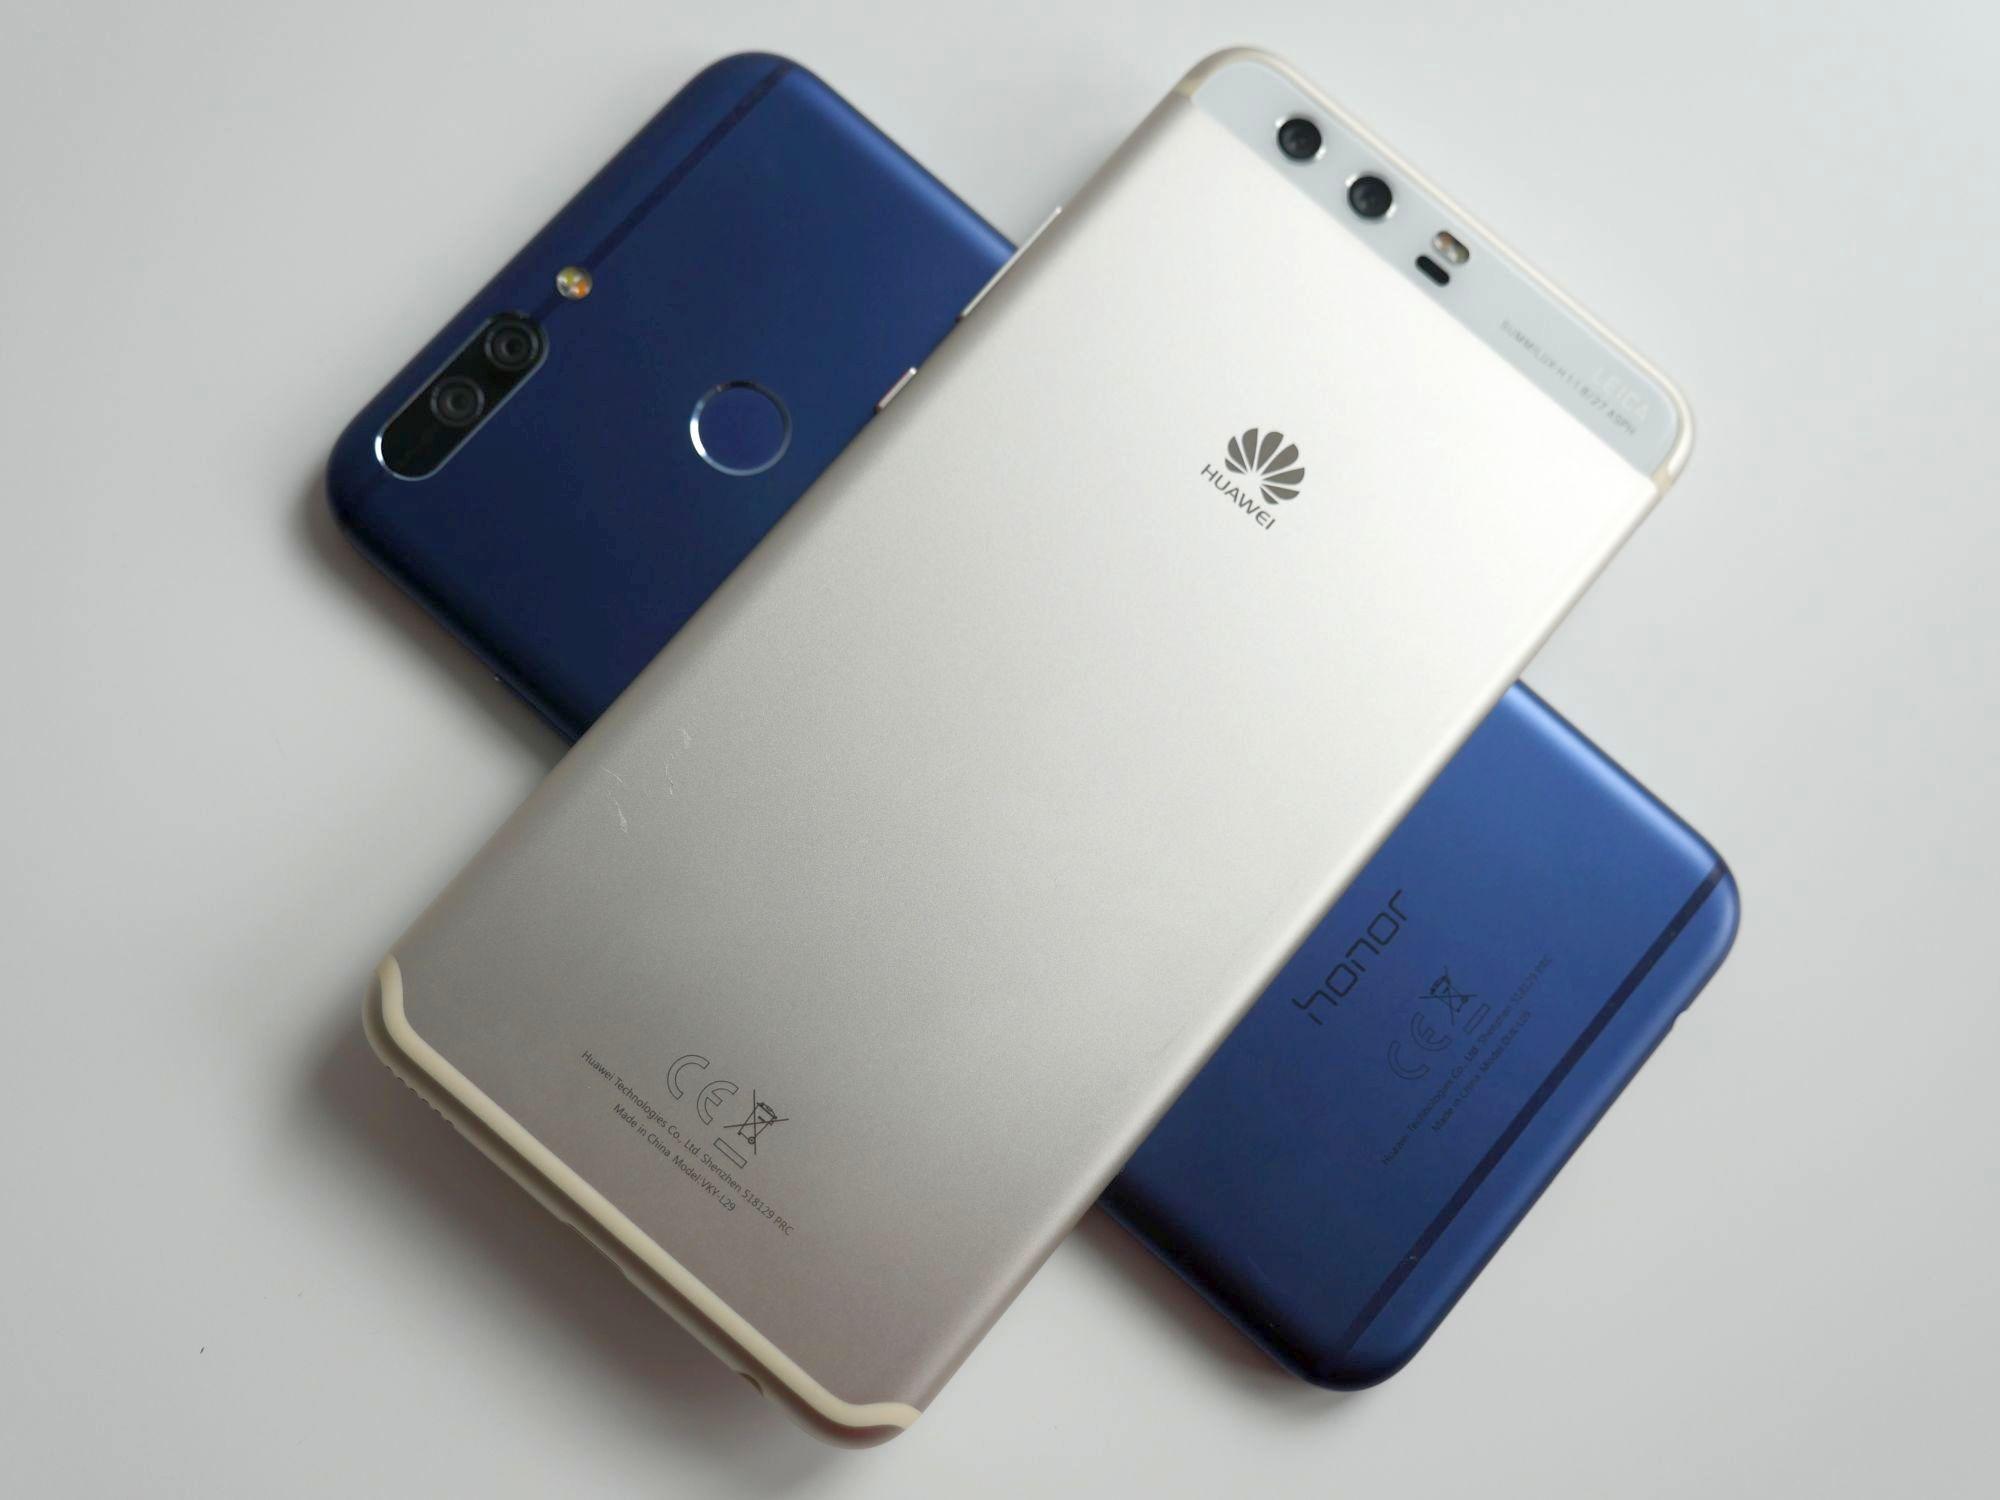 Tabletowo.pl Problemy Huawei w USA: Best Buy wycofuje ze sklepów smartfony producenta. W obawie przed szpiegowaniem? Huawei Wydarzenia